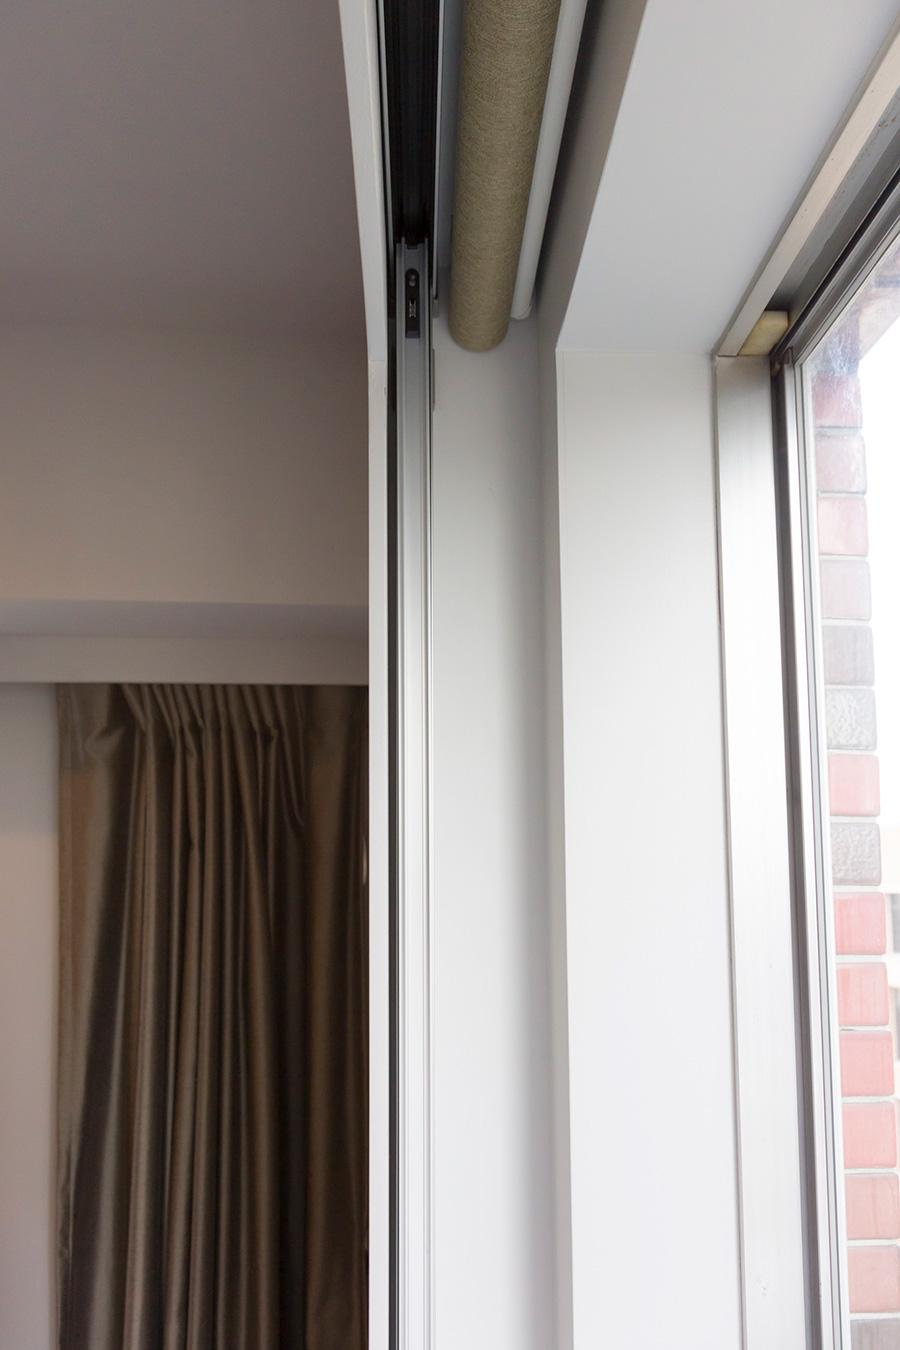 壁をふかして、間に電動カーテンを収納。「多少部屋が狭くなってもなるべくフラットに見えることを優先しました」